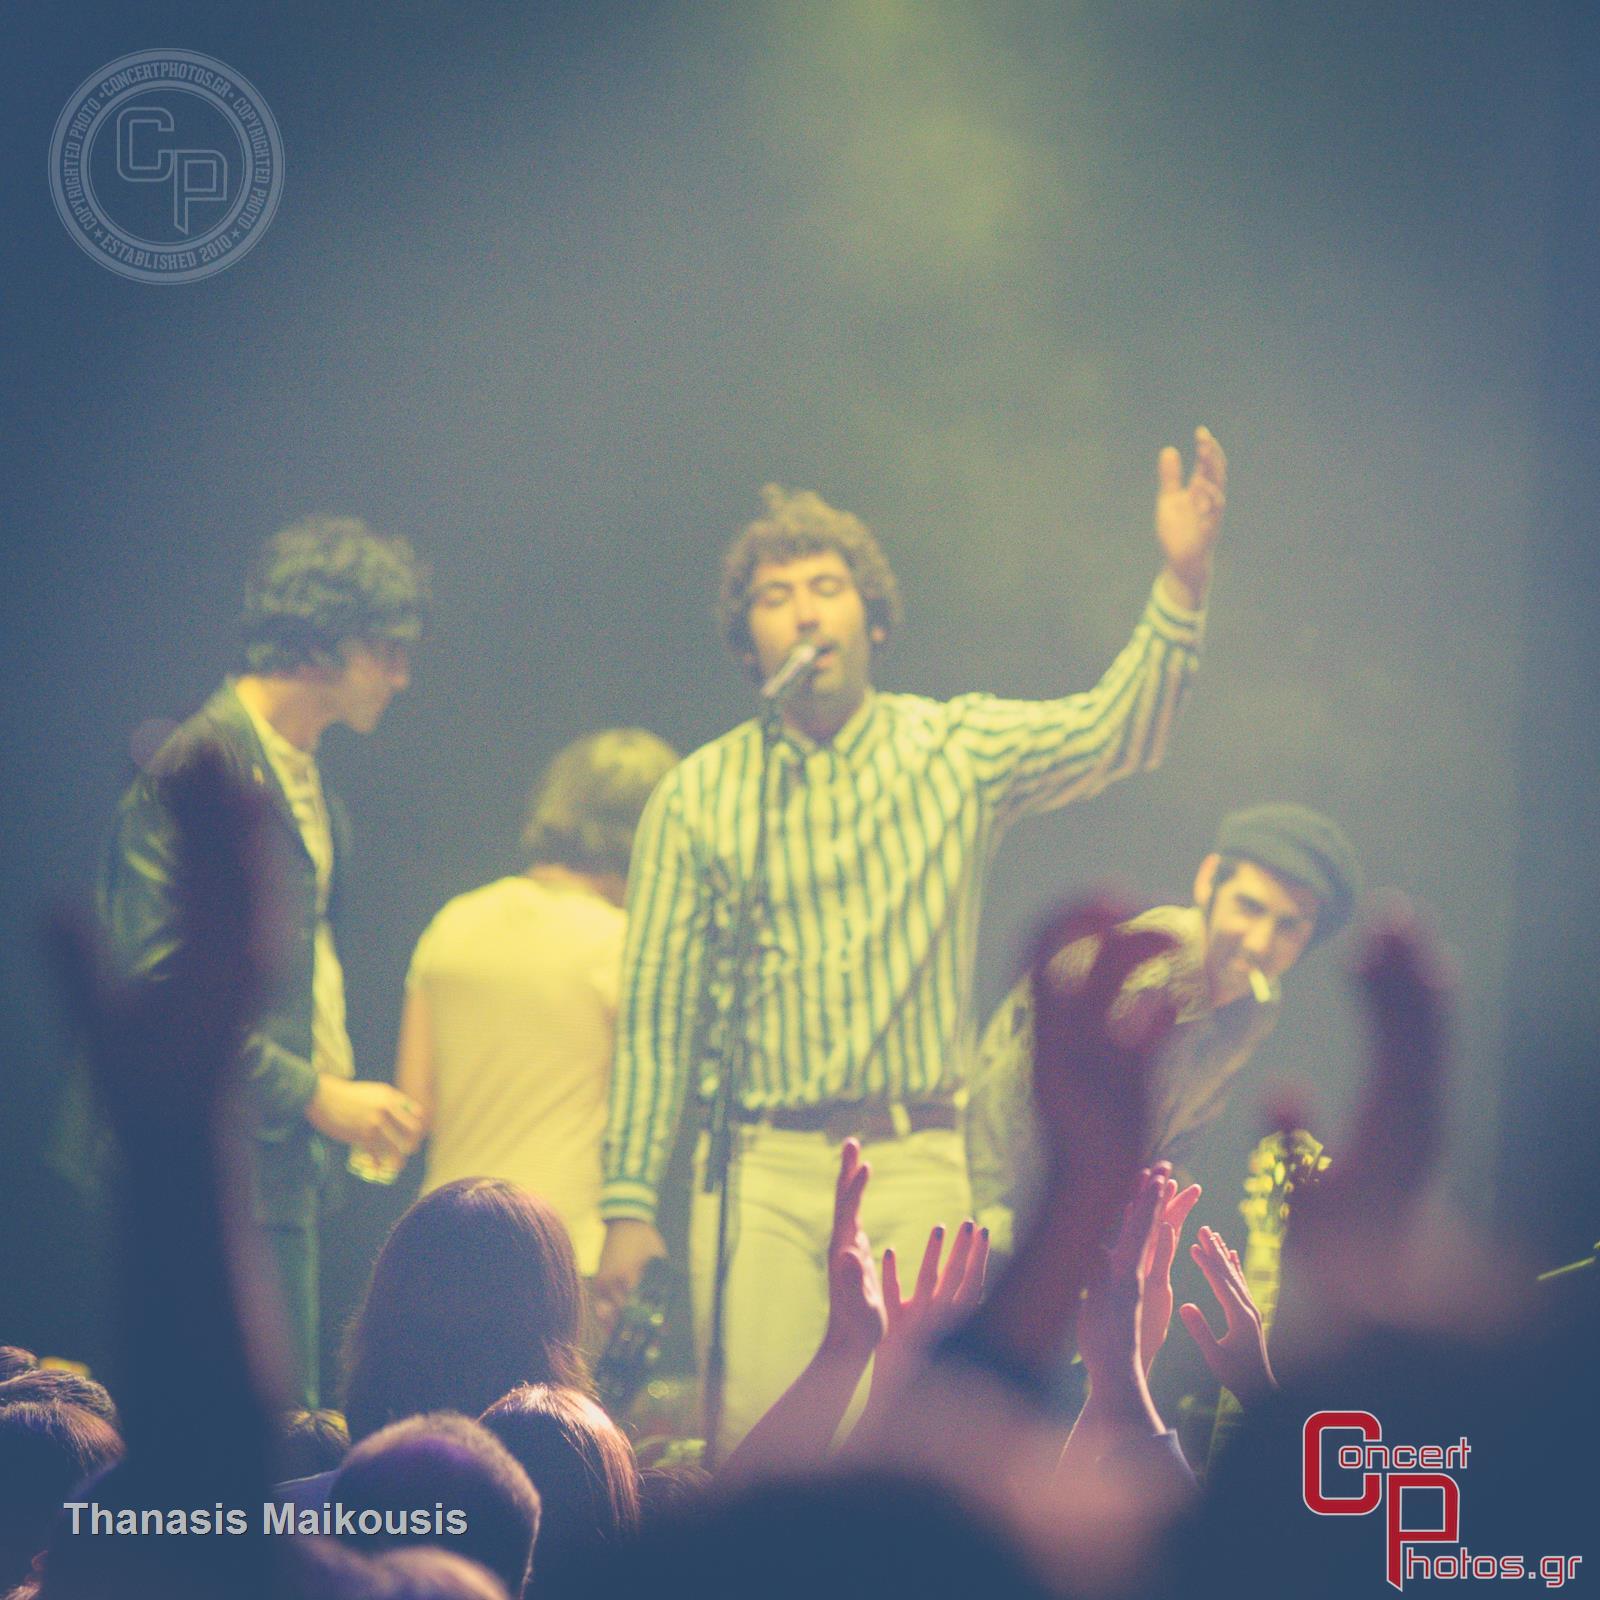 Allah Las & My Drunken Haze -Allah Las My Drunken Haze  photographer: Thanasis Maikousis - ConcertPhotos - 20141102_0137_26